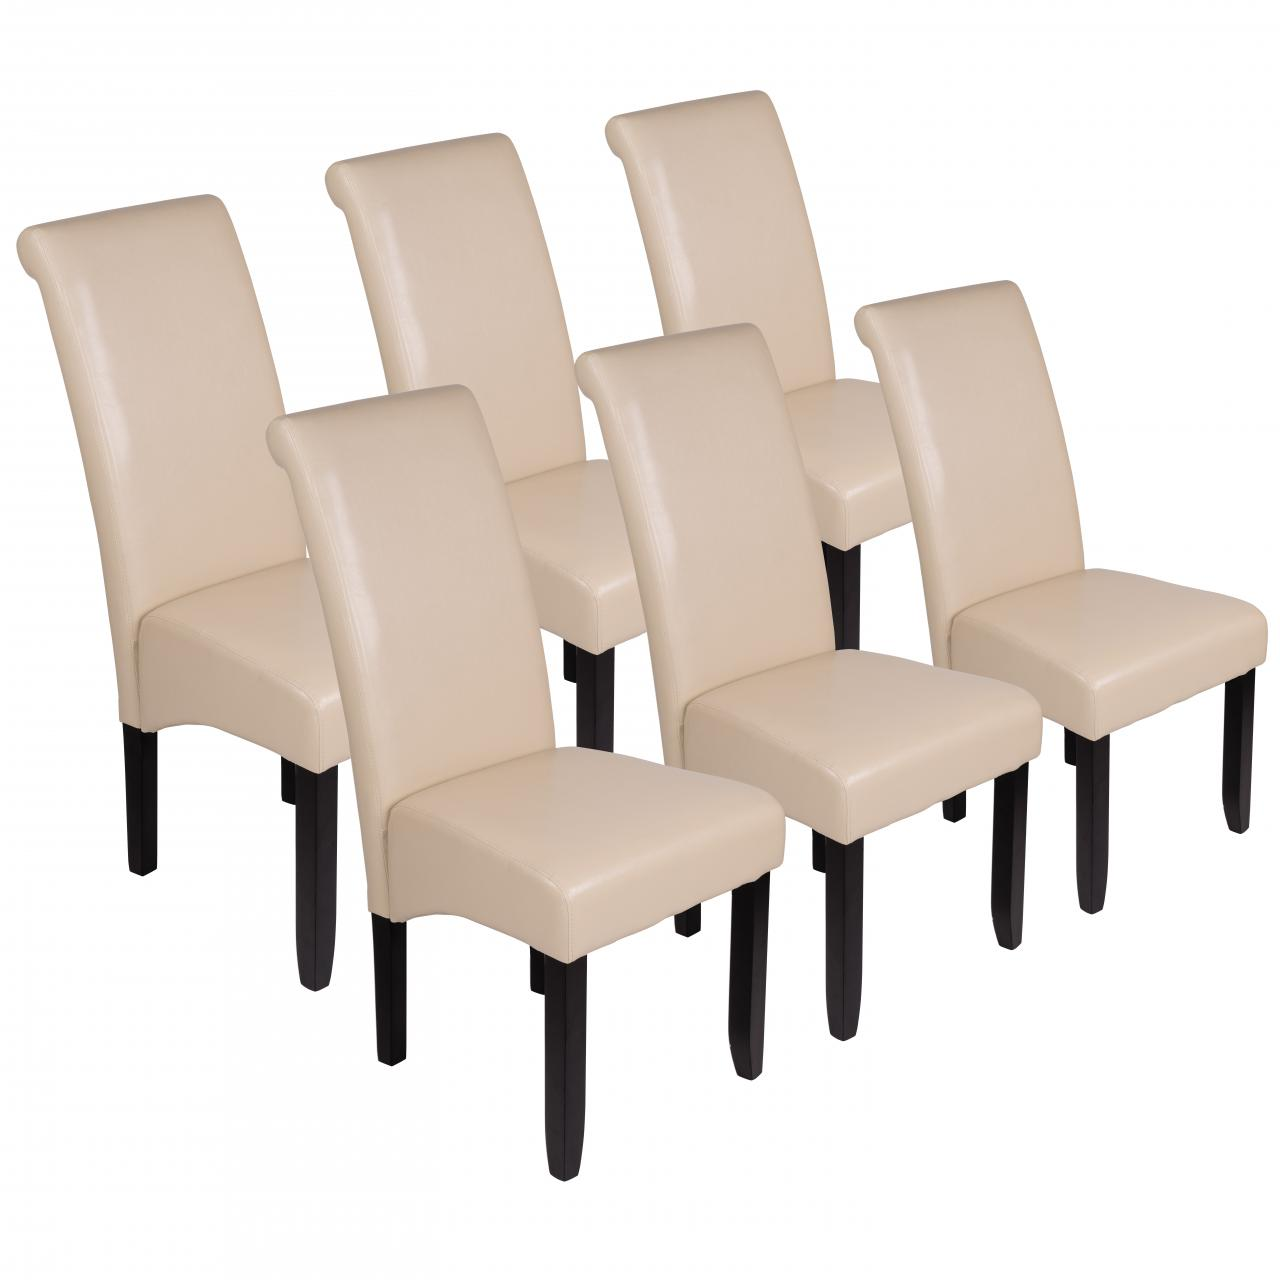 Esszimmerstühle Stühle Küchenstühle Polsterstühle Stuhlgruppe Gastro ...